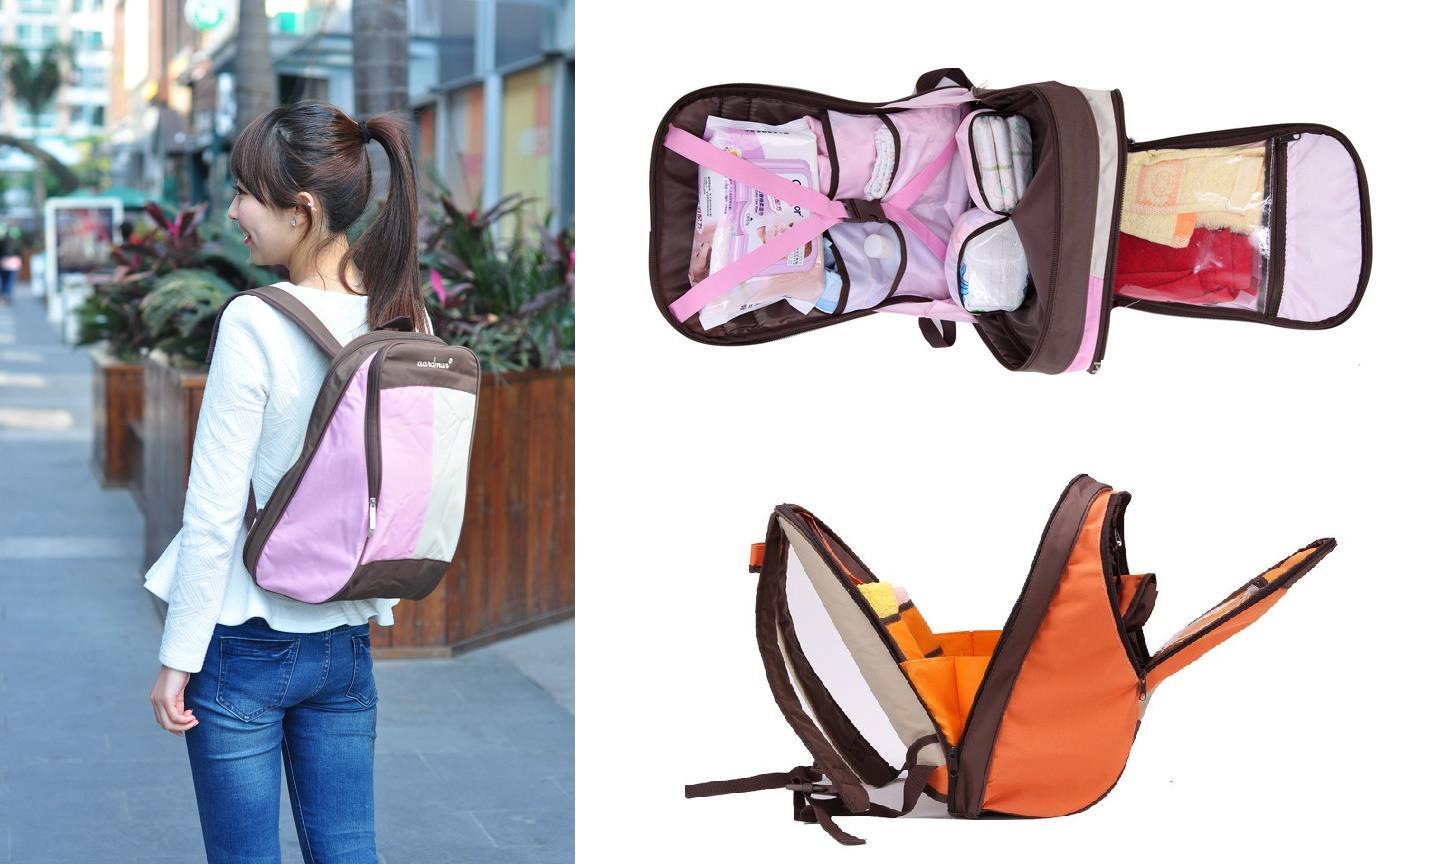 new aardman multifunctional baby d (end   pm) - aardman multifunctional baby diaper bags modern mommy backpack